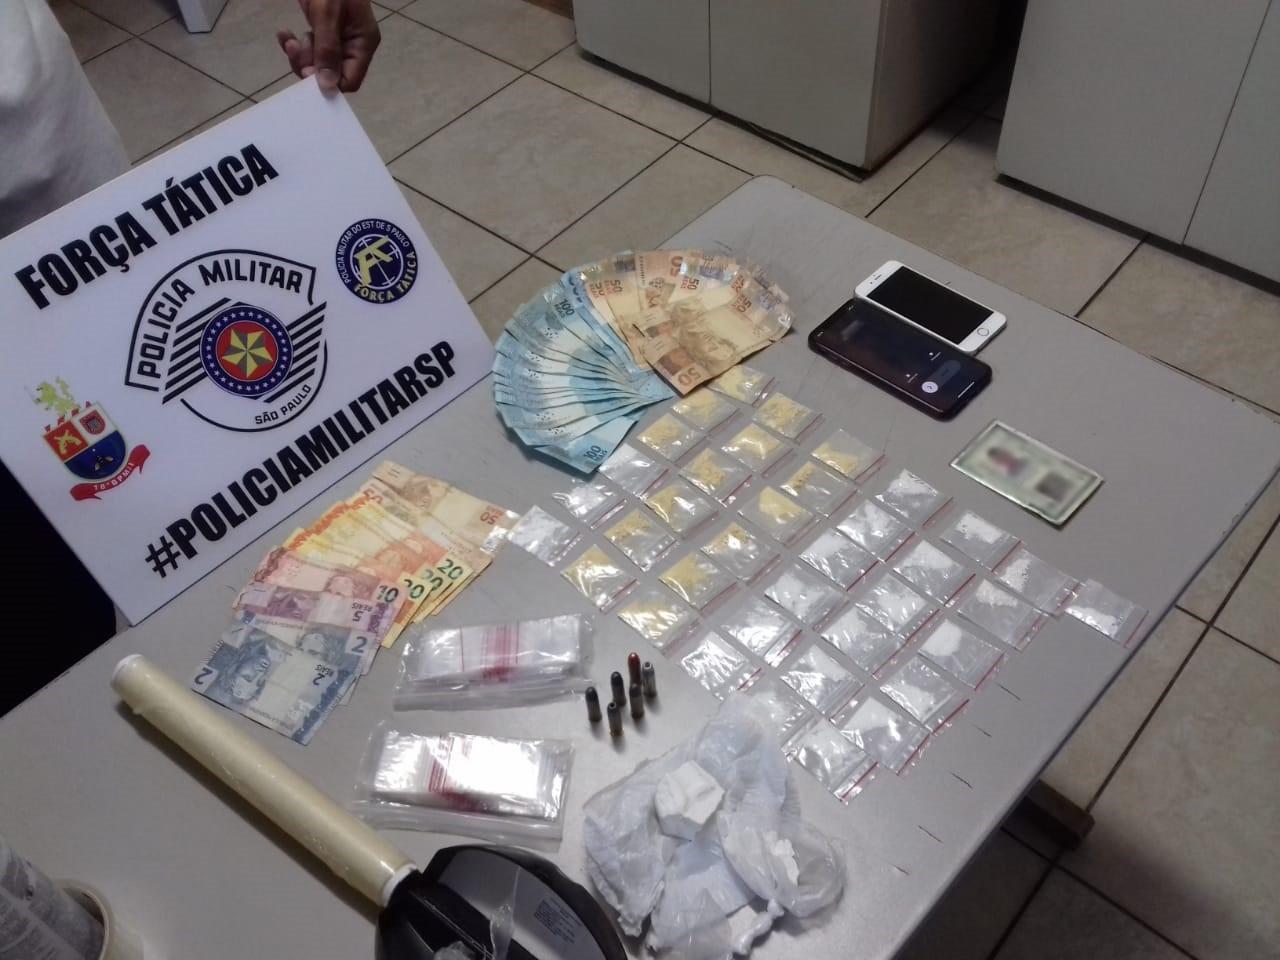 Cocaína, dinheiro e munições são apreendidos durante ação policial no bairro Cecap, em Presidente Prudente